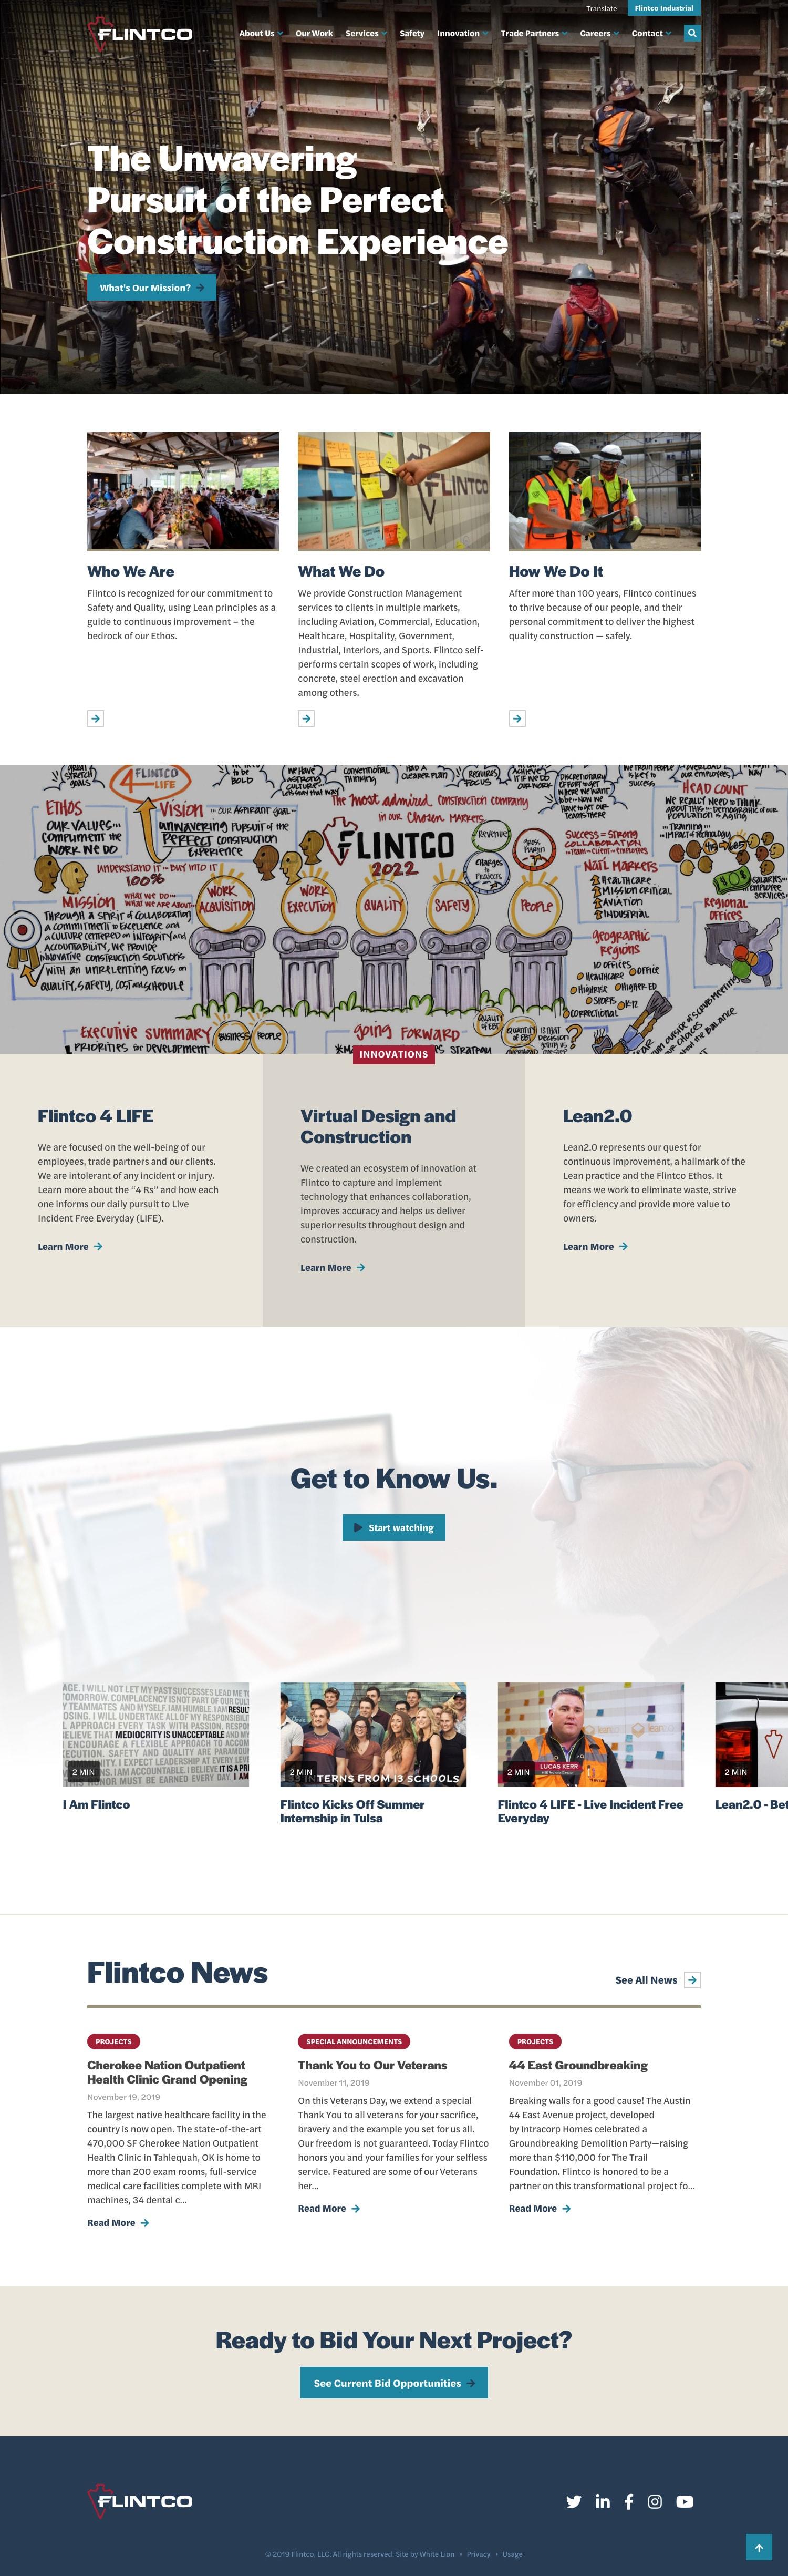 flintco-homepage.jpg